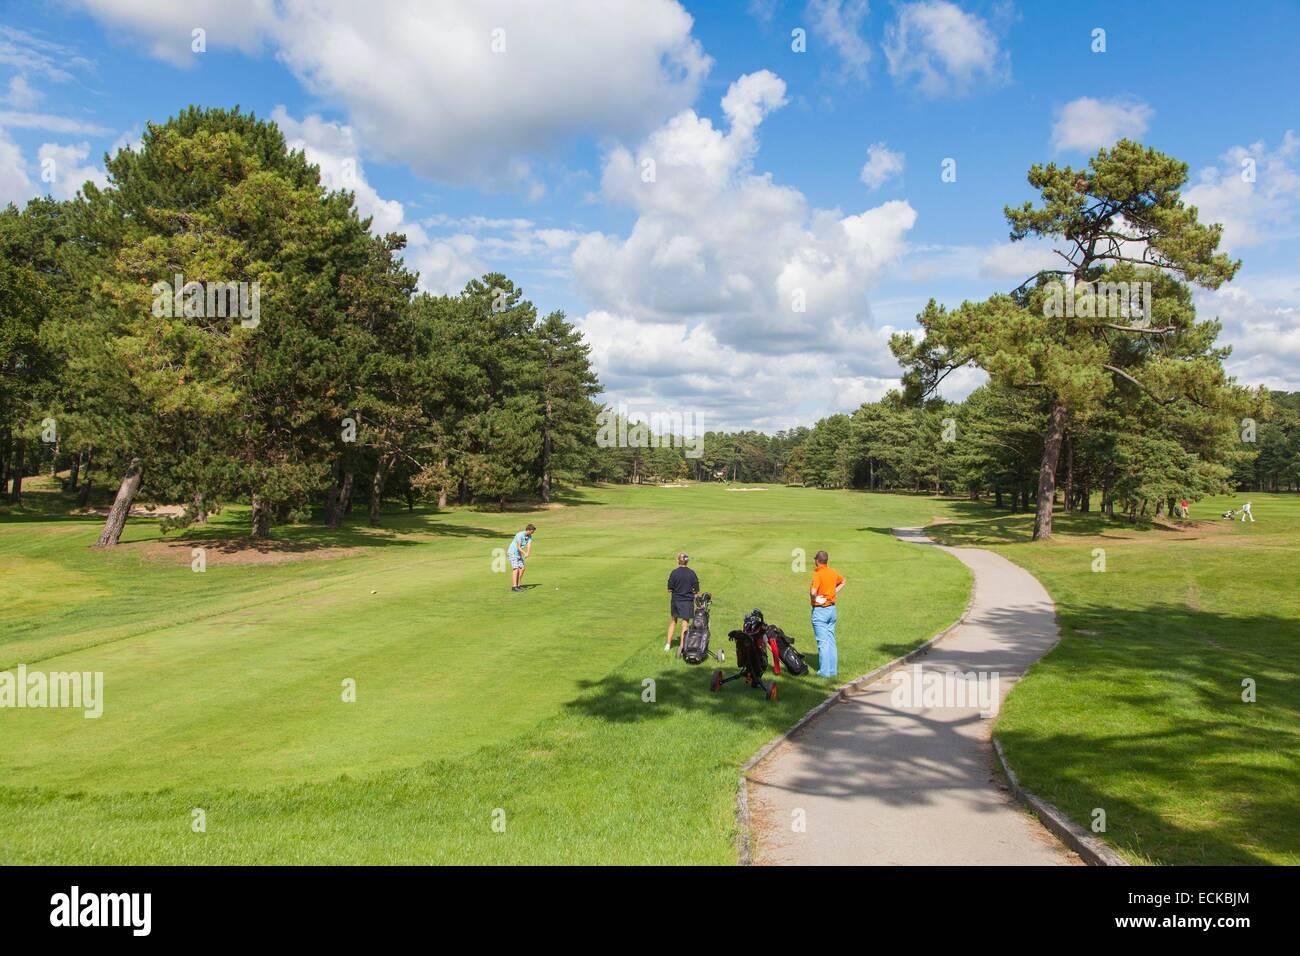 Francia, Pas de Calais, Hardelot, golf Pine Immagini Stock